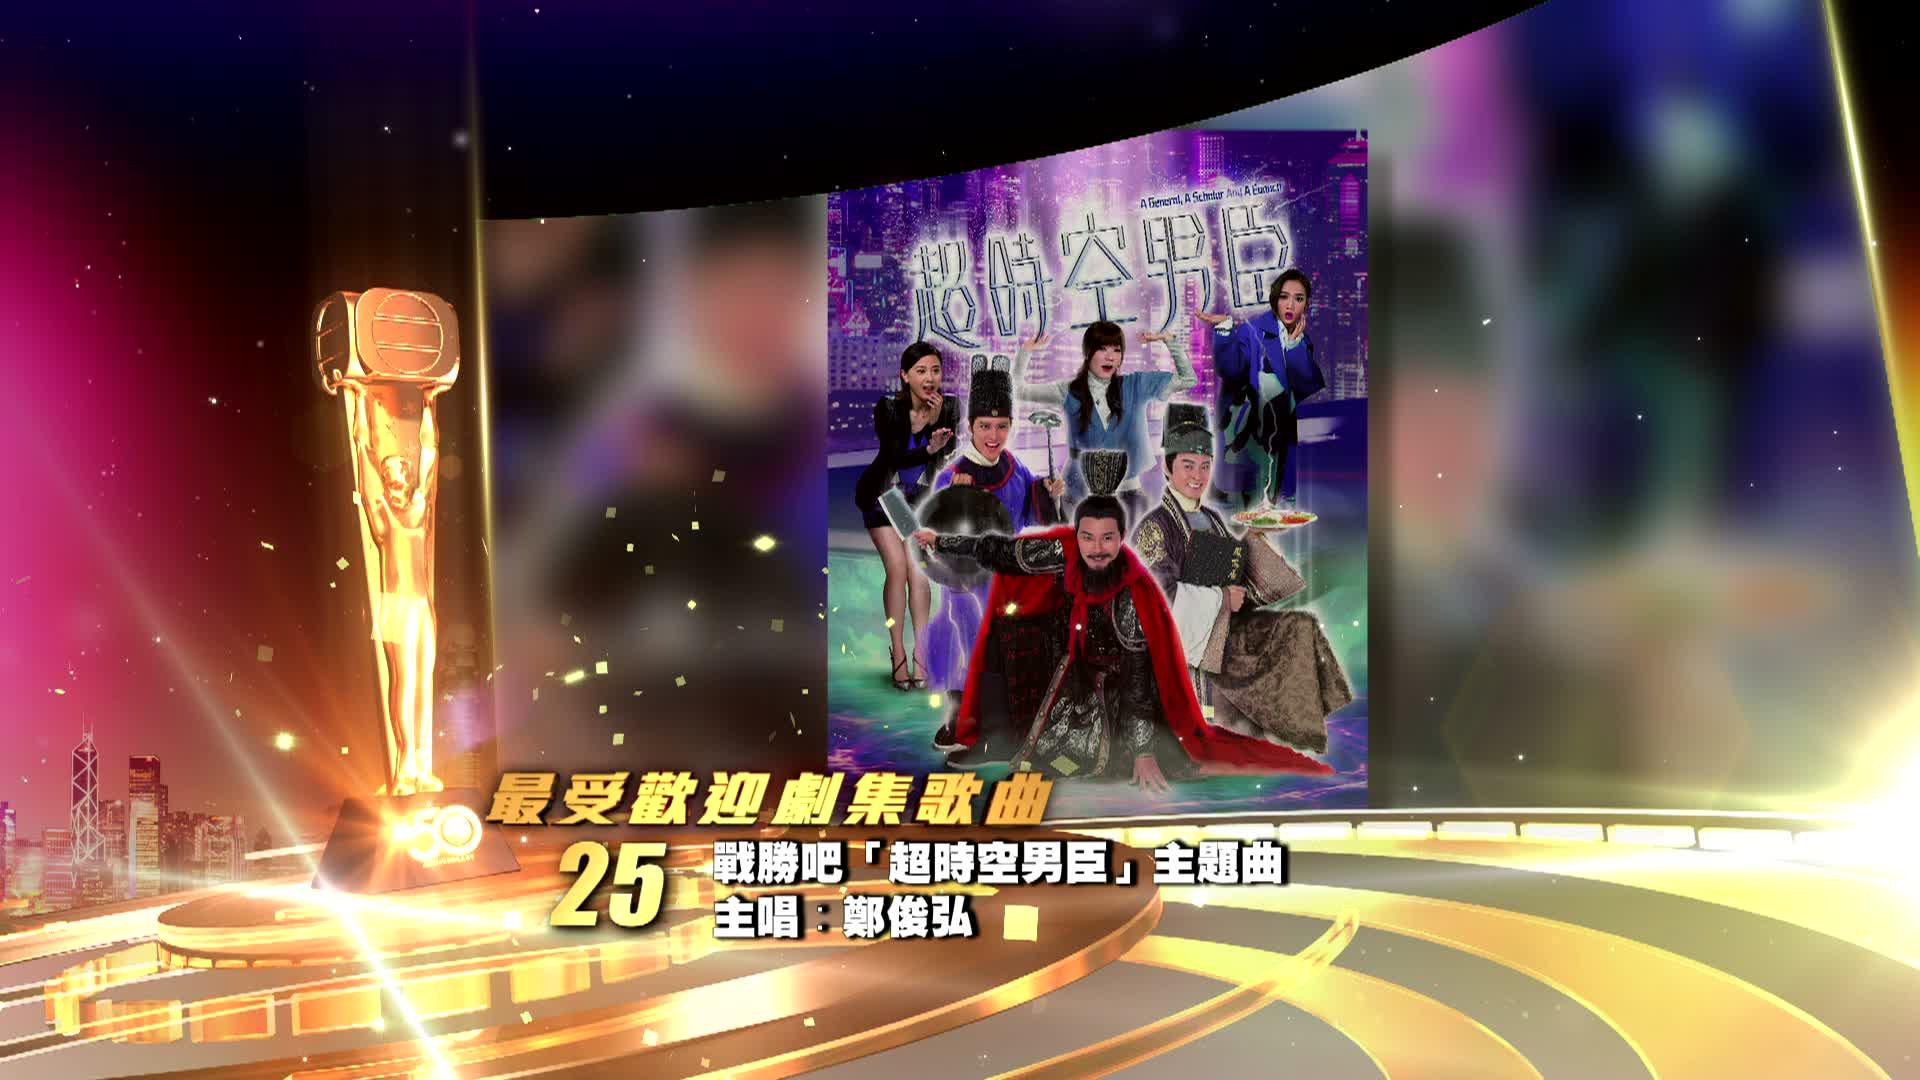 25. 鄭俊弘-戰勝吧《超時空男臣》主題曲